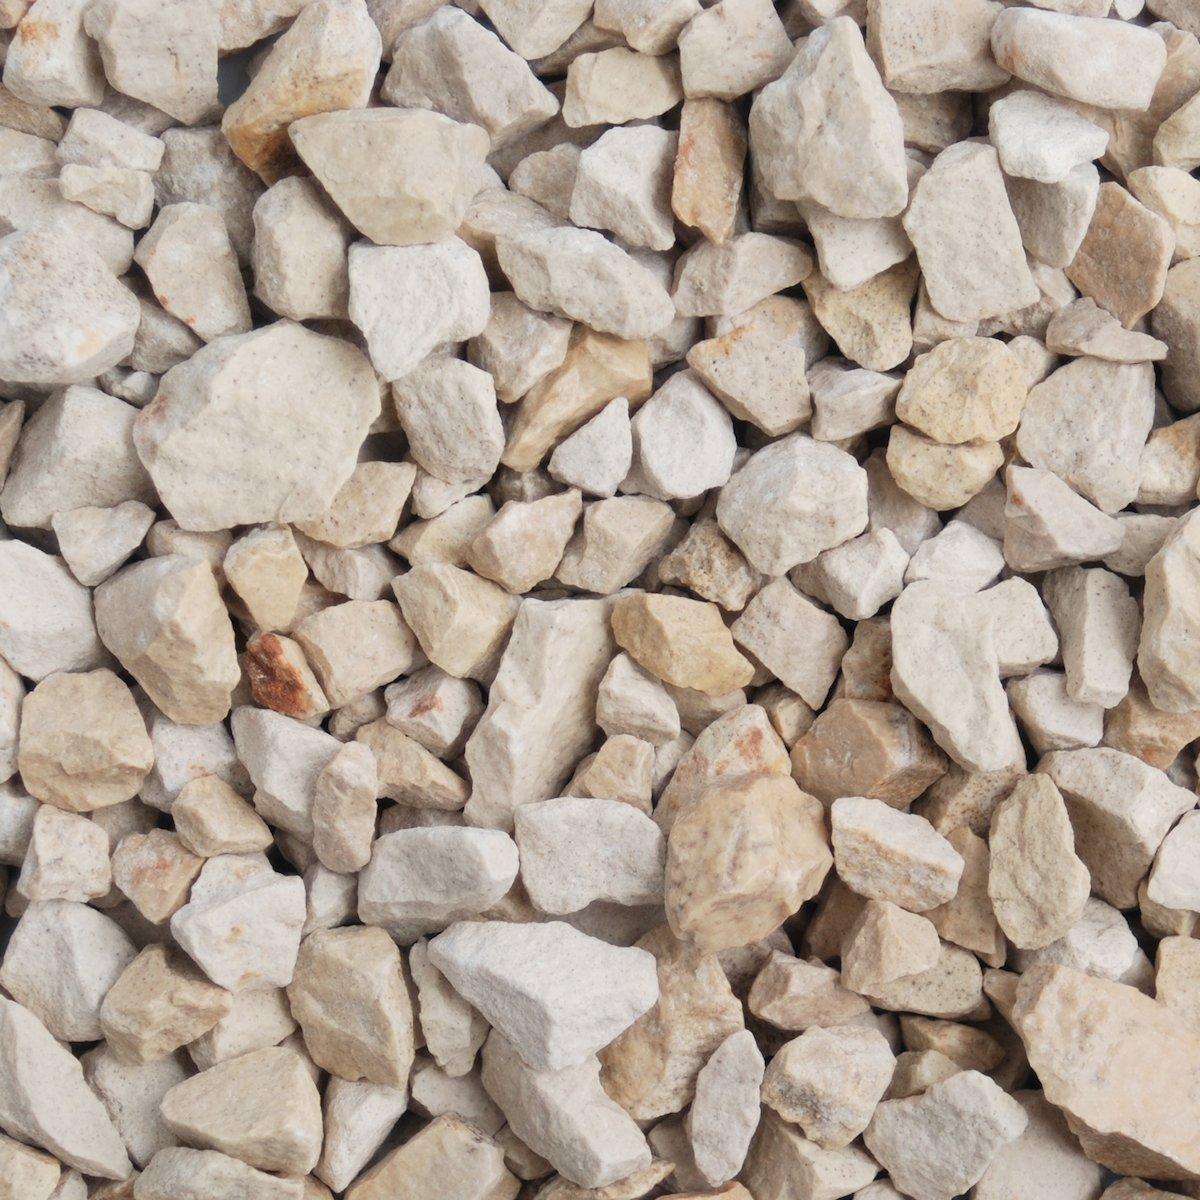 material landscape p gravel view decor rock supply apache decorative htm arizona larger pink photo